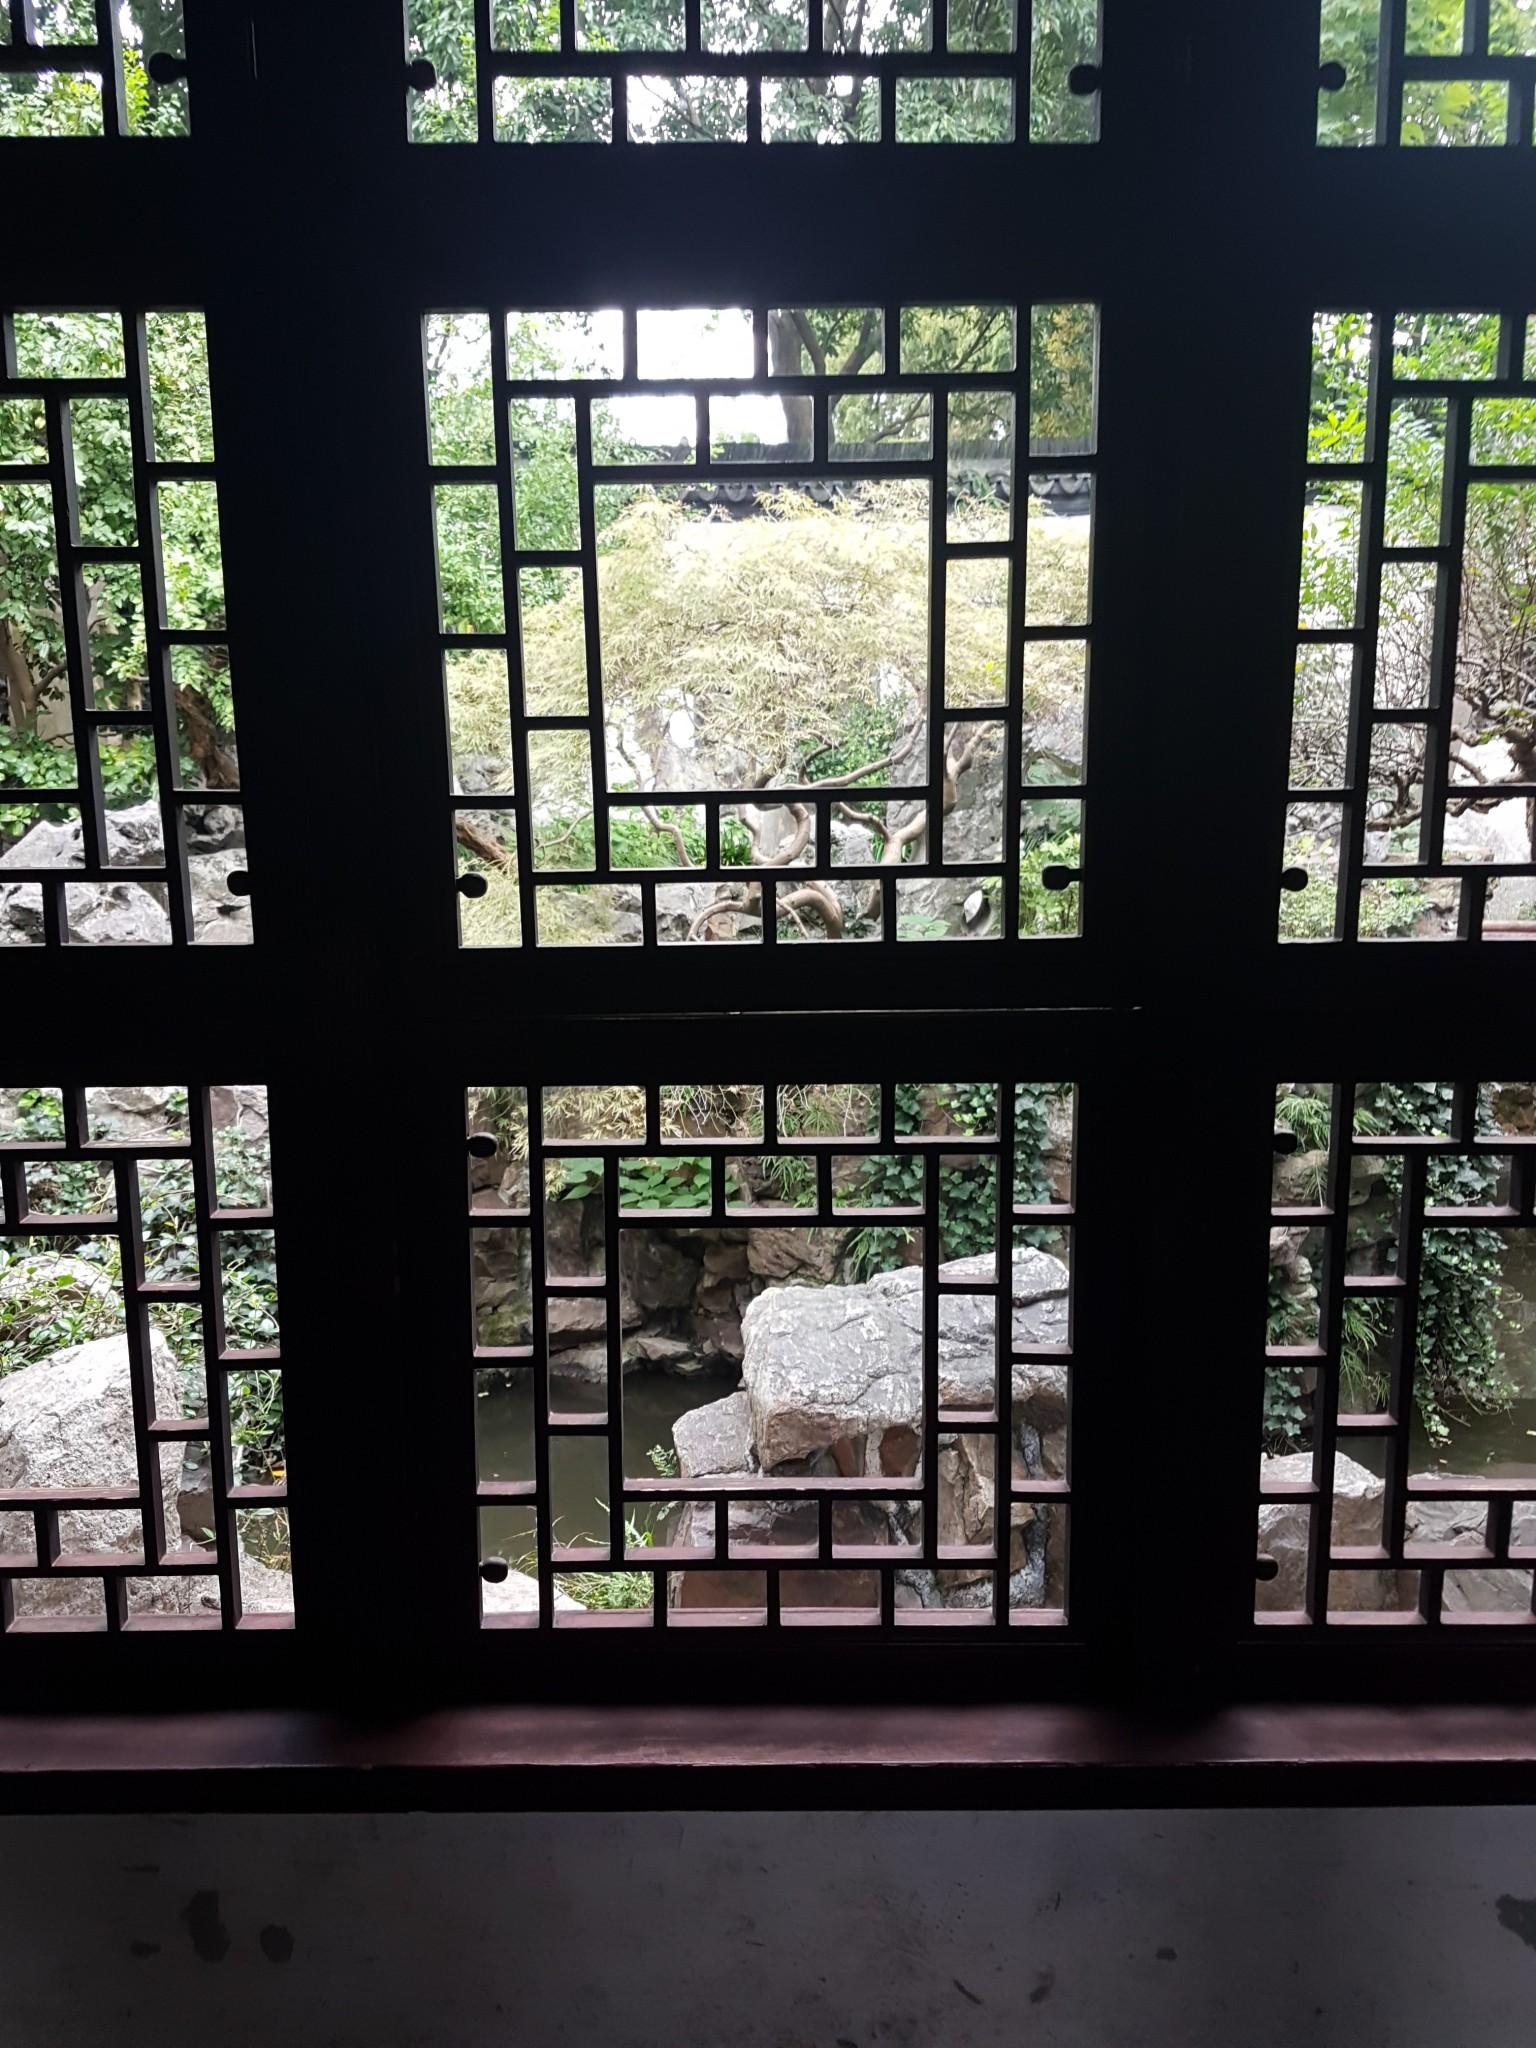 Elaborately Constructed Window